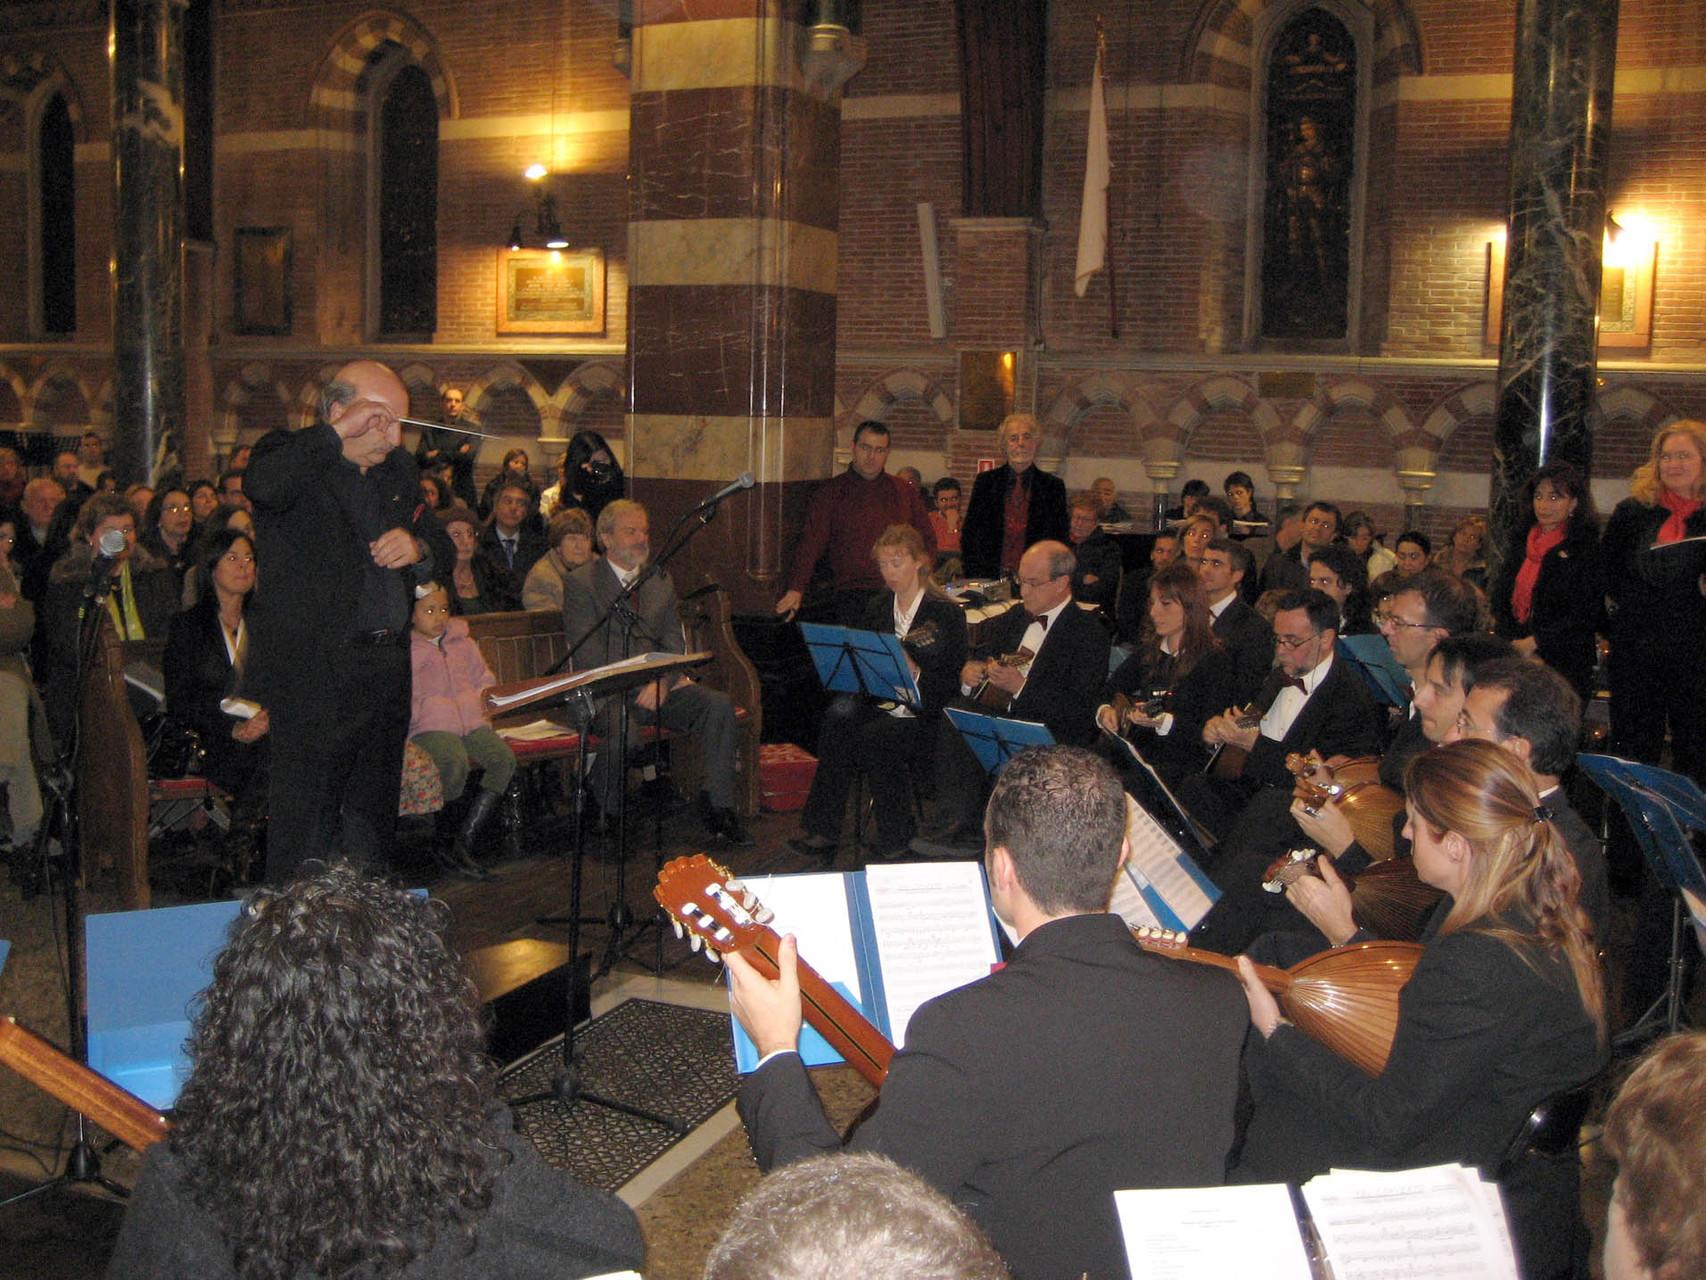 Roma 8/2/2007 - Chiesa All Saints - Orchestra Mand. R.  e  Coro dell'Università Popolare di Roma (UPTER) - (direttore Franco Turchi)